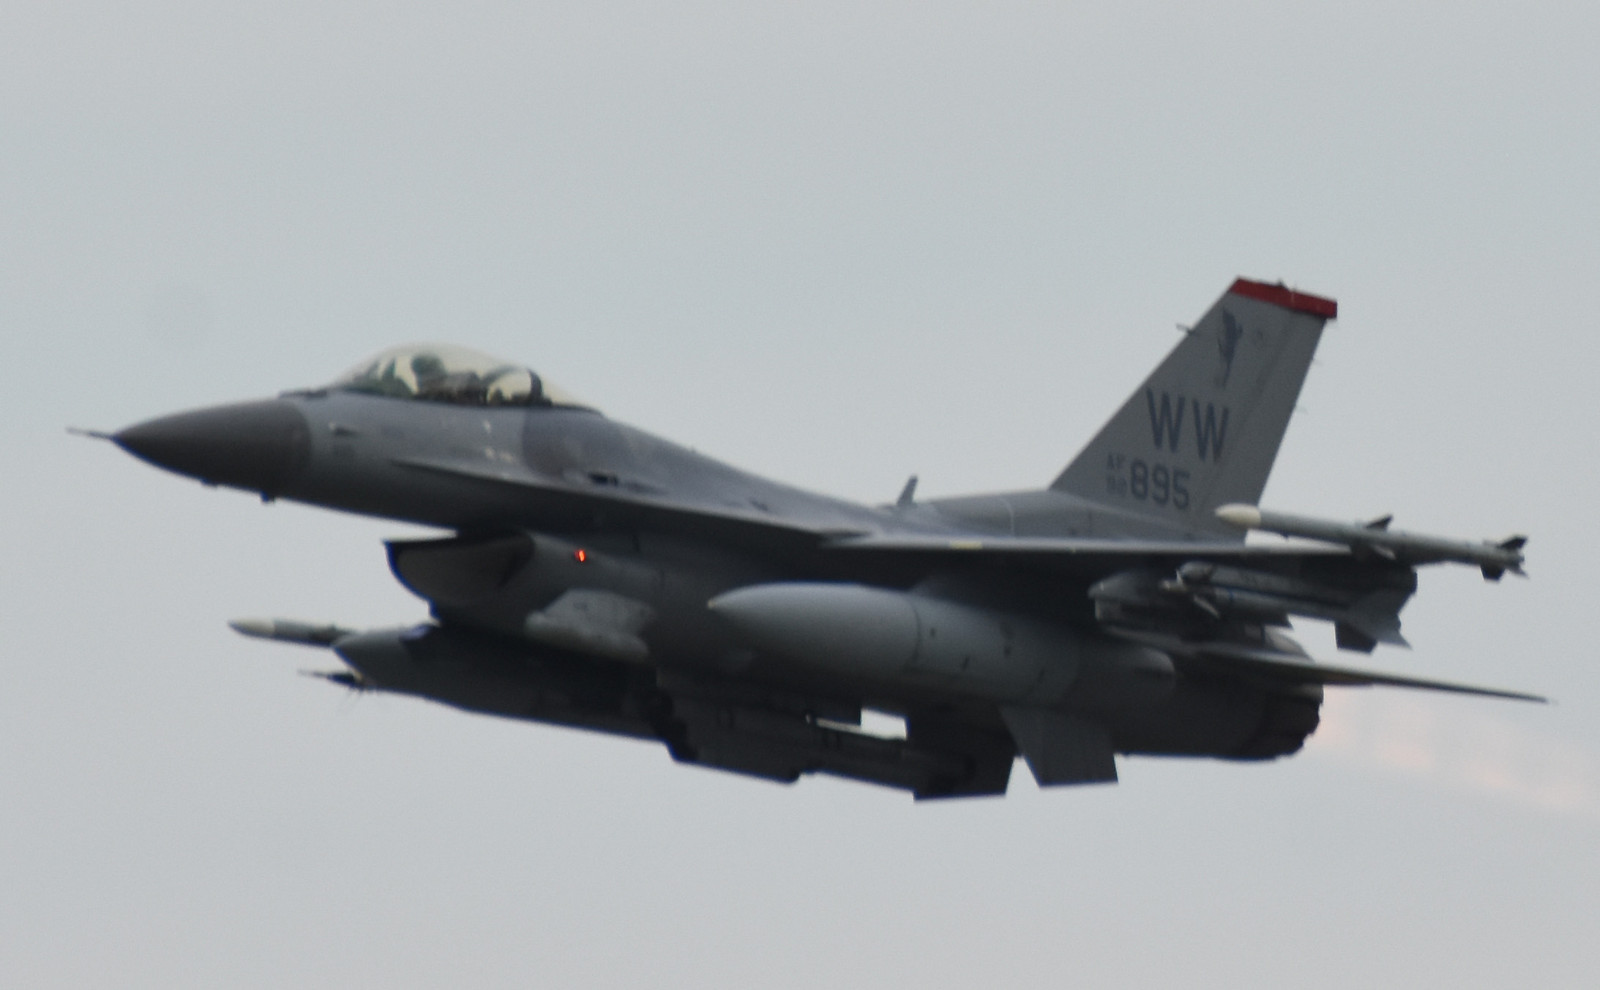 F16cm170825g772